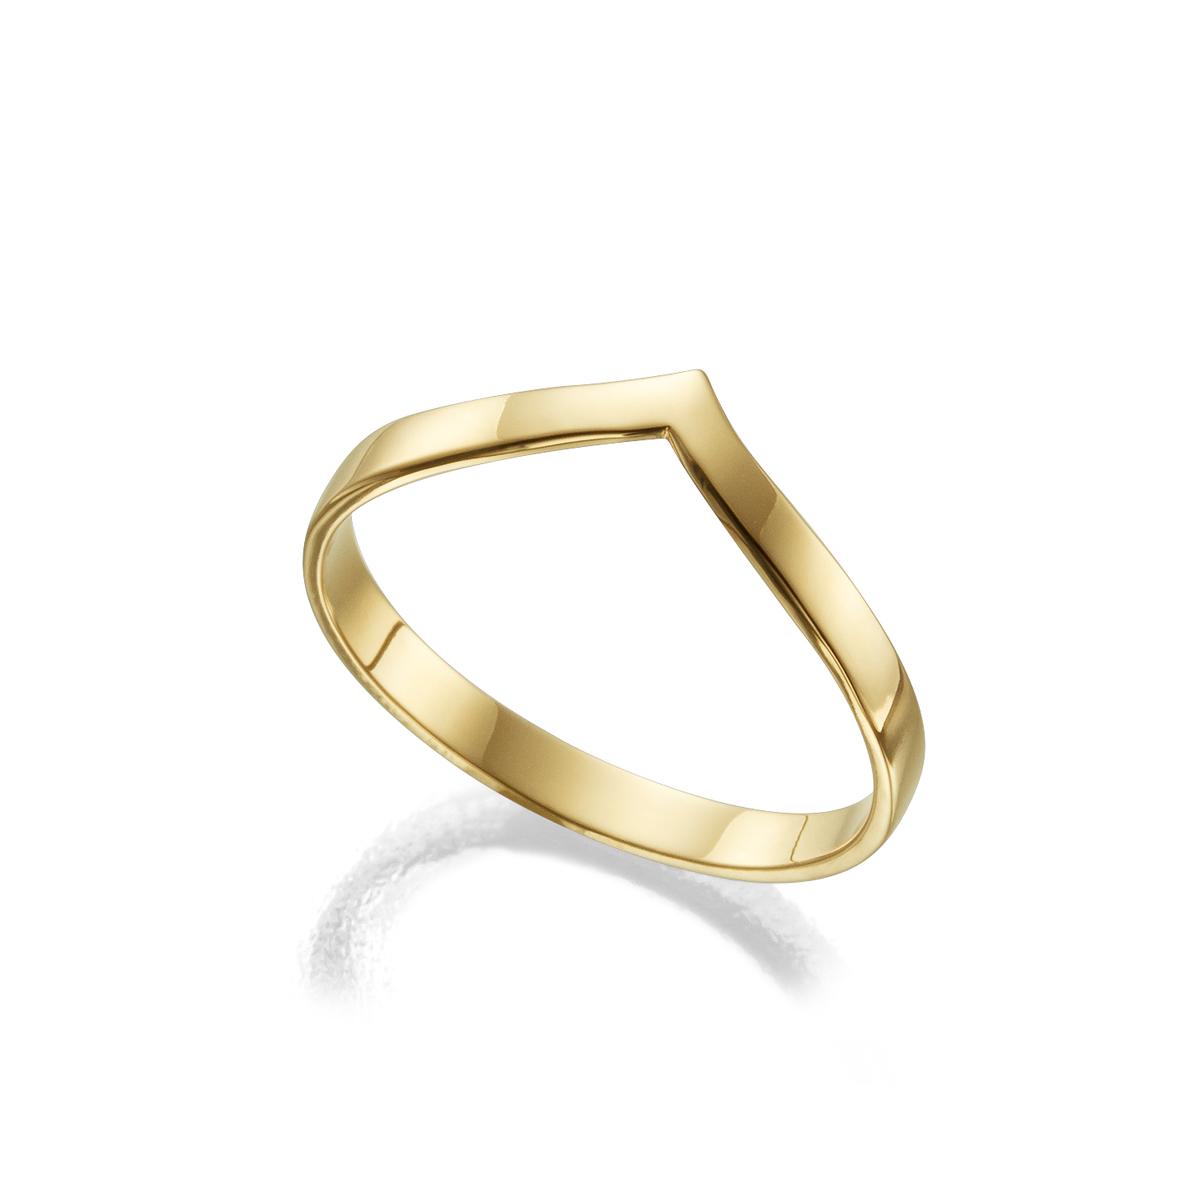 טבעת זהב בצורת חץ